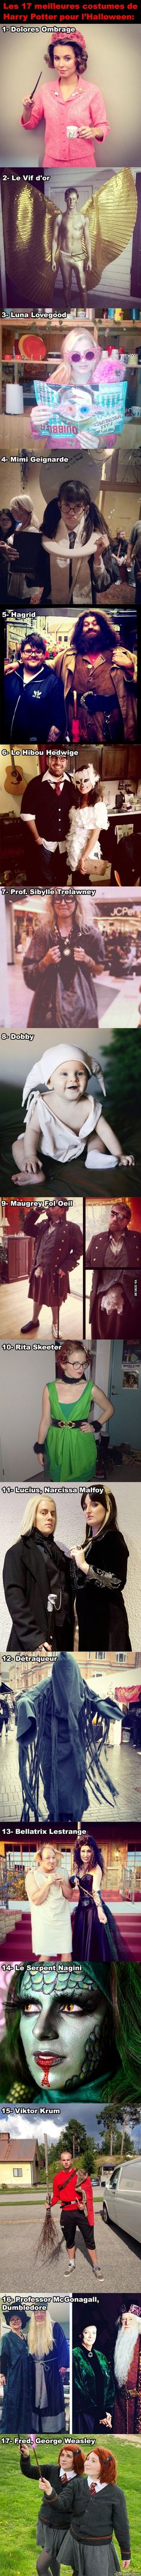 Les 17 meilleurs costumes d'Harry Potter pour l'Halloween                                                                                                                                                                                 Plus